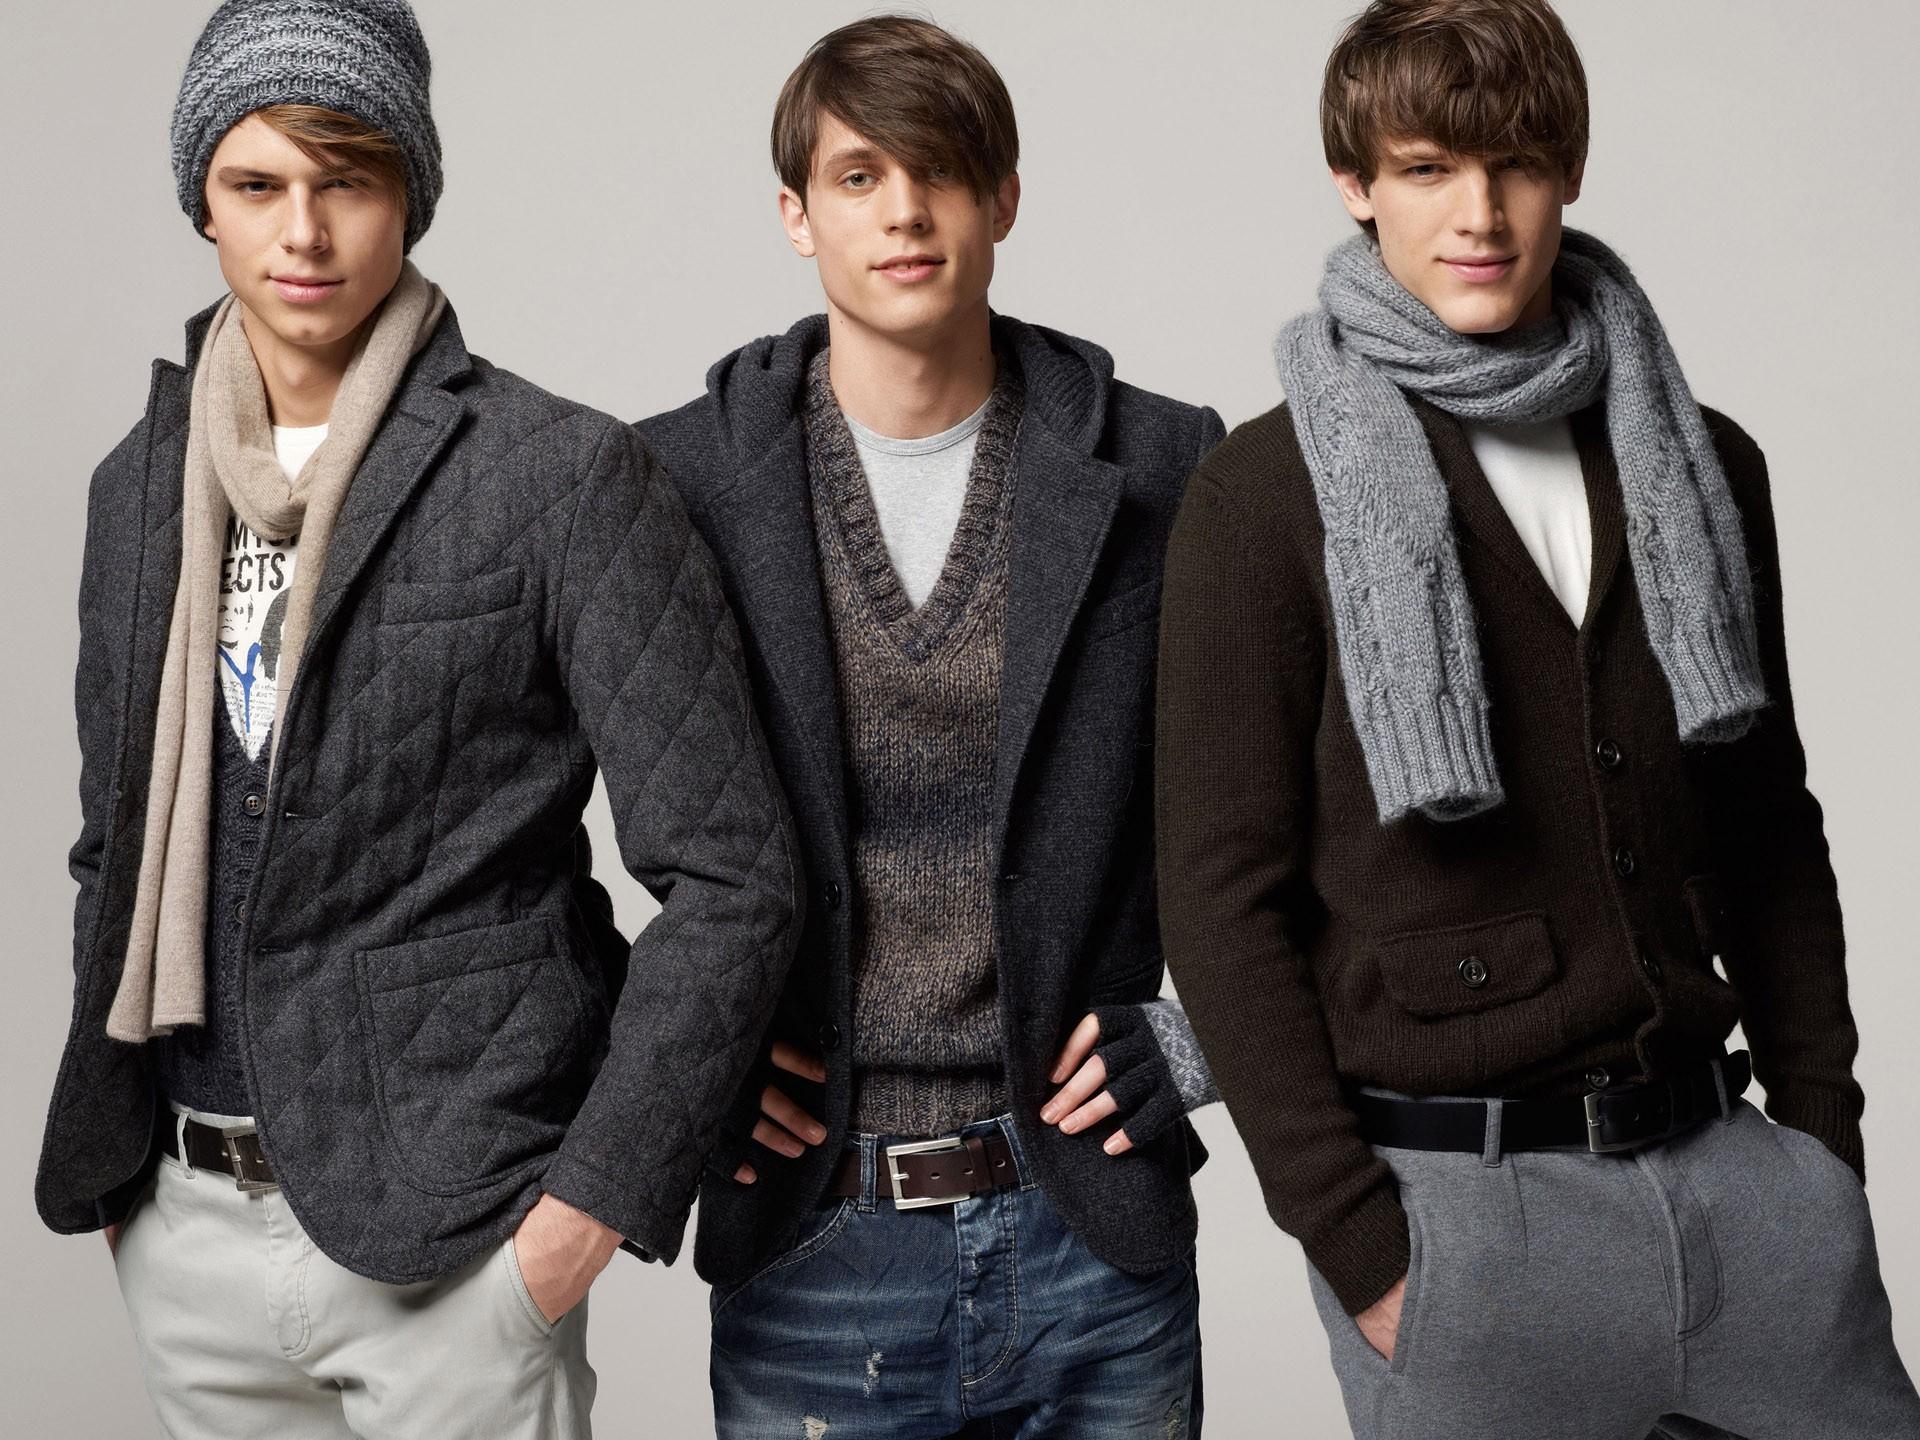 Мужская мода этой зимой